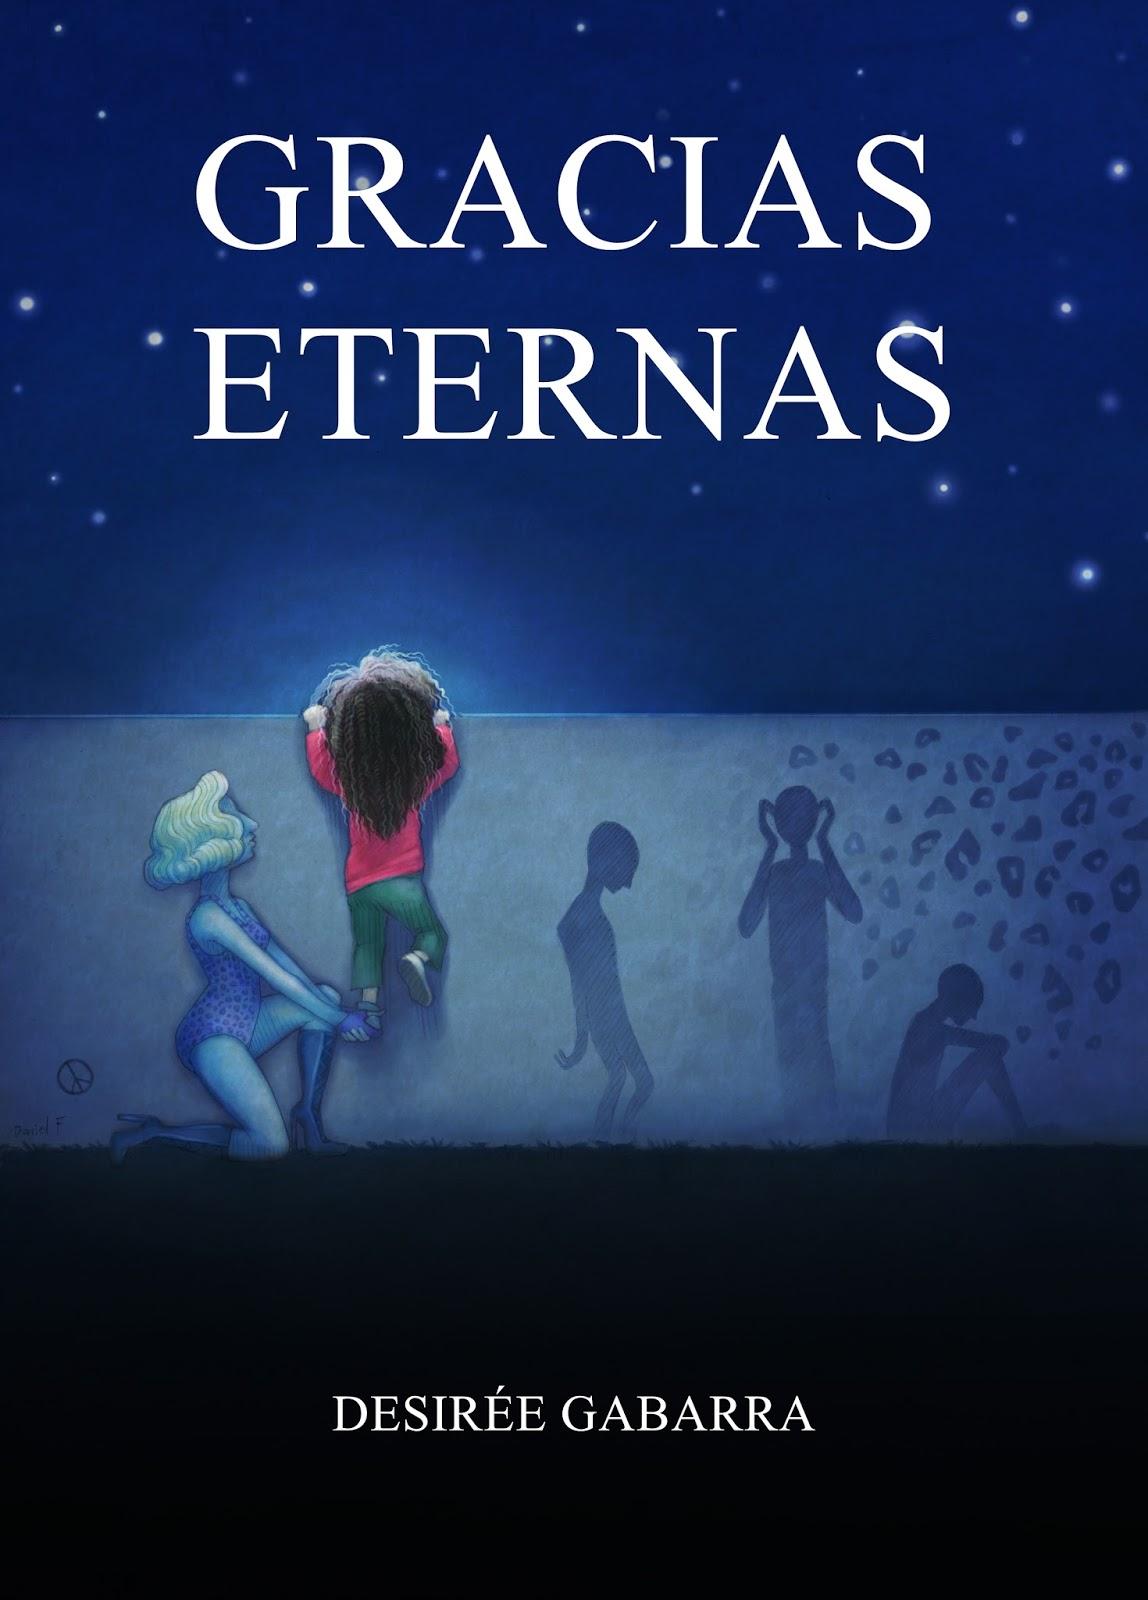 Portada 'Gracias Eternas', por Desirée Gabarra